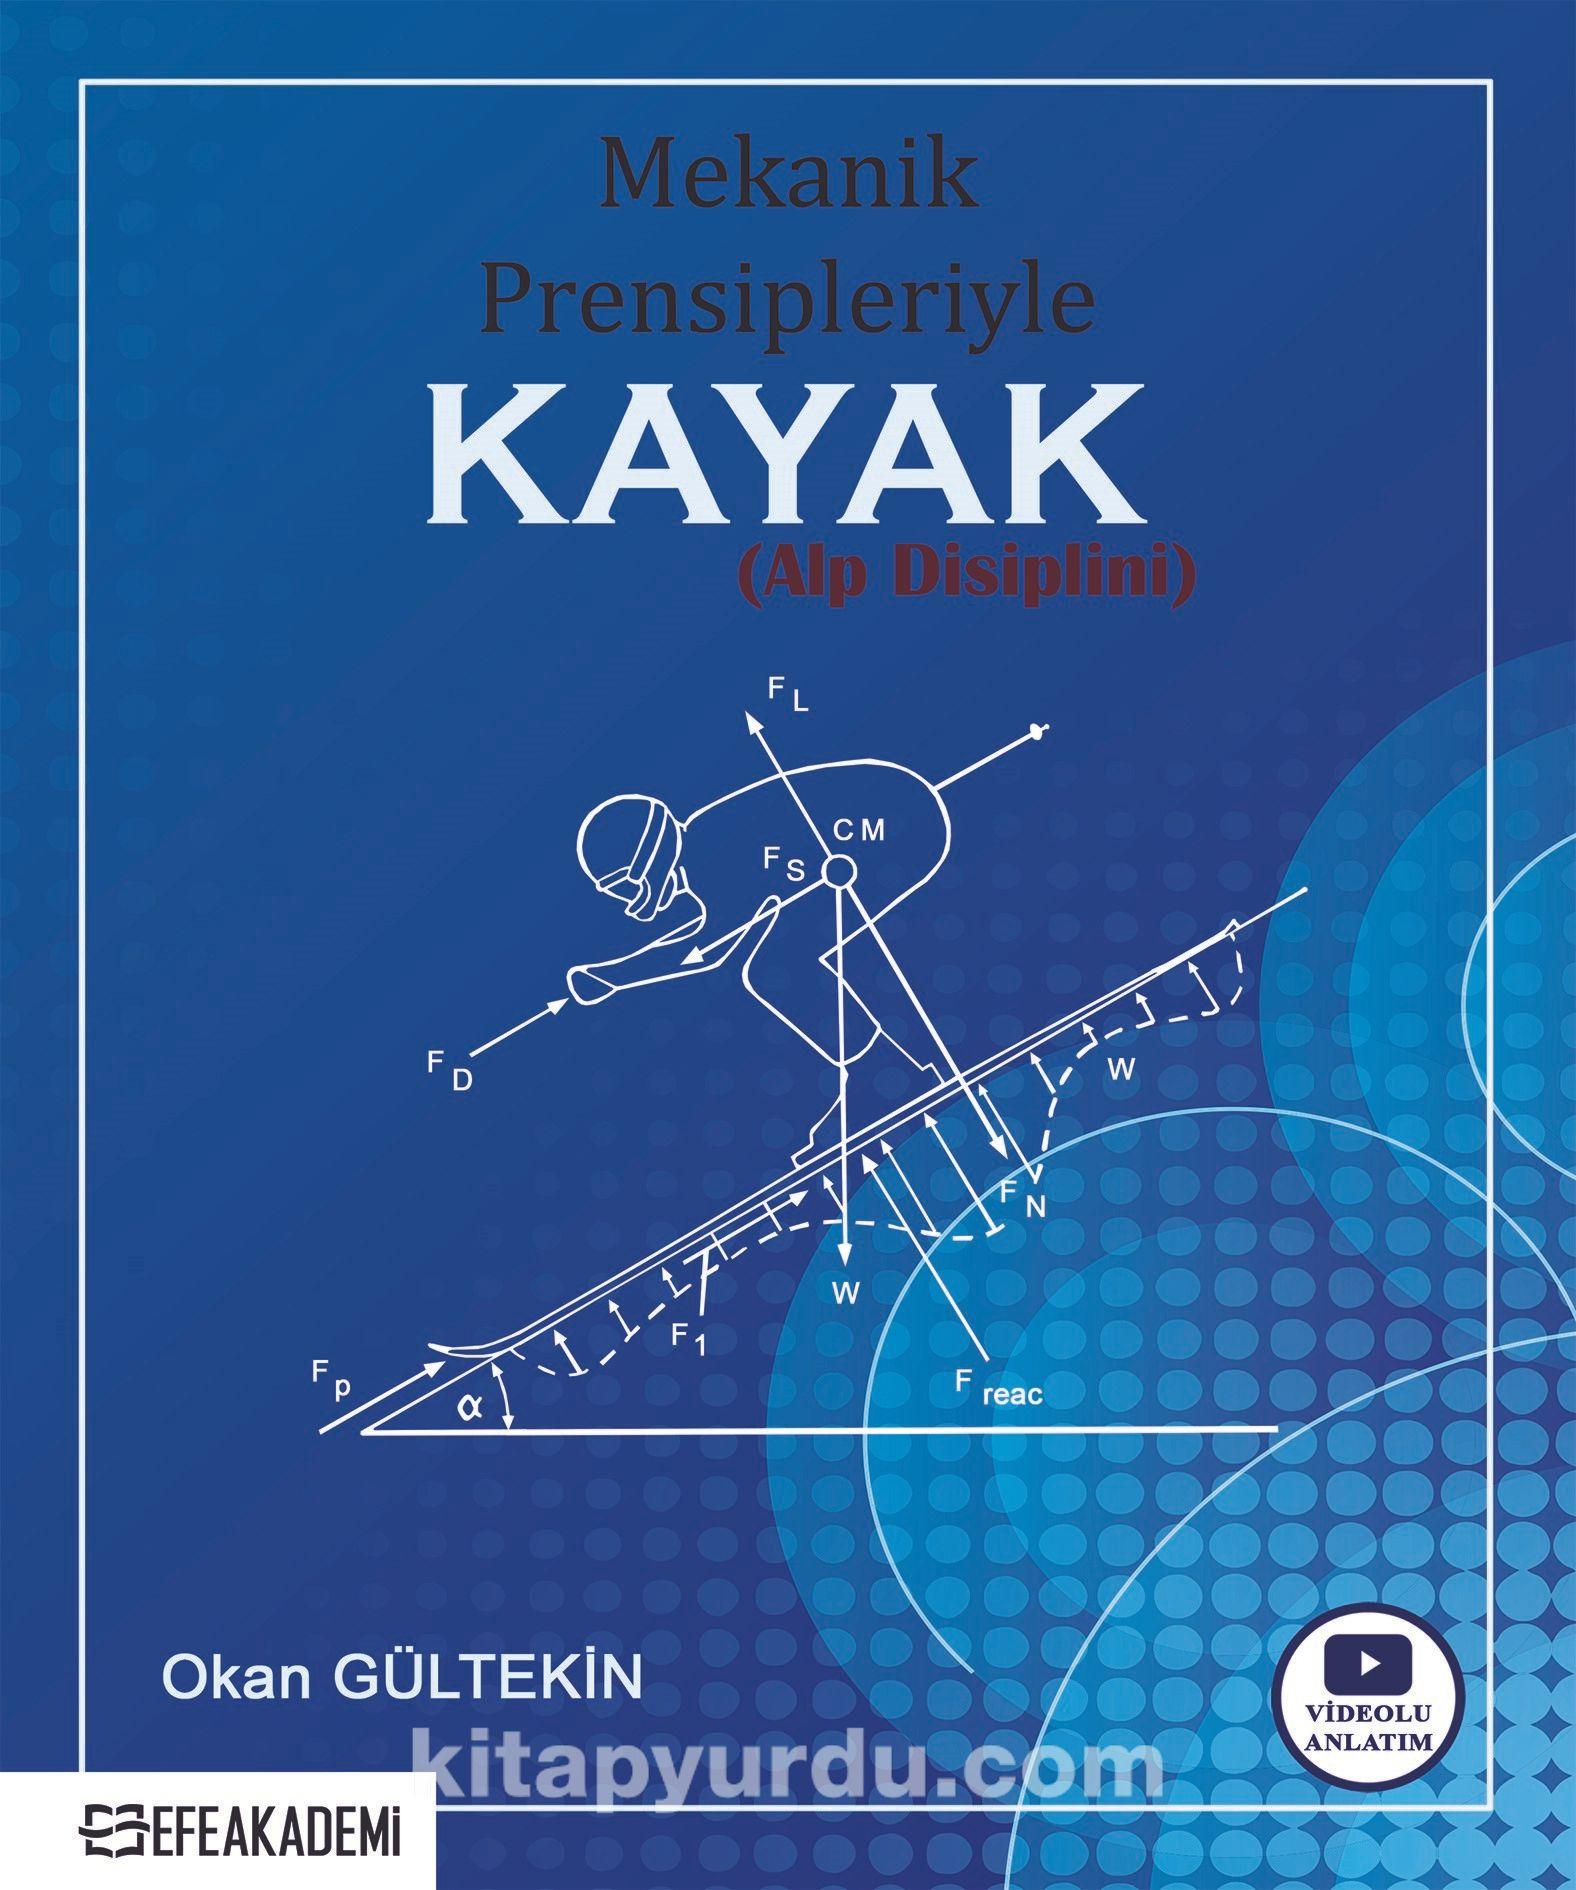 Mekanik Prensipleriyle Kayak (Alp Disiplini) PDF Kitap İndir